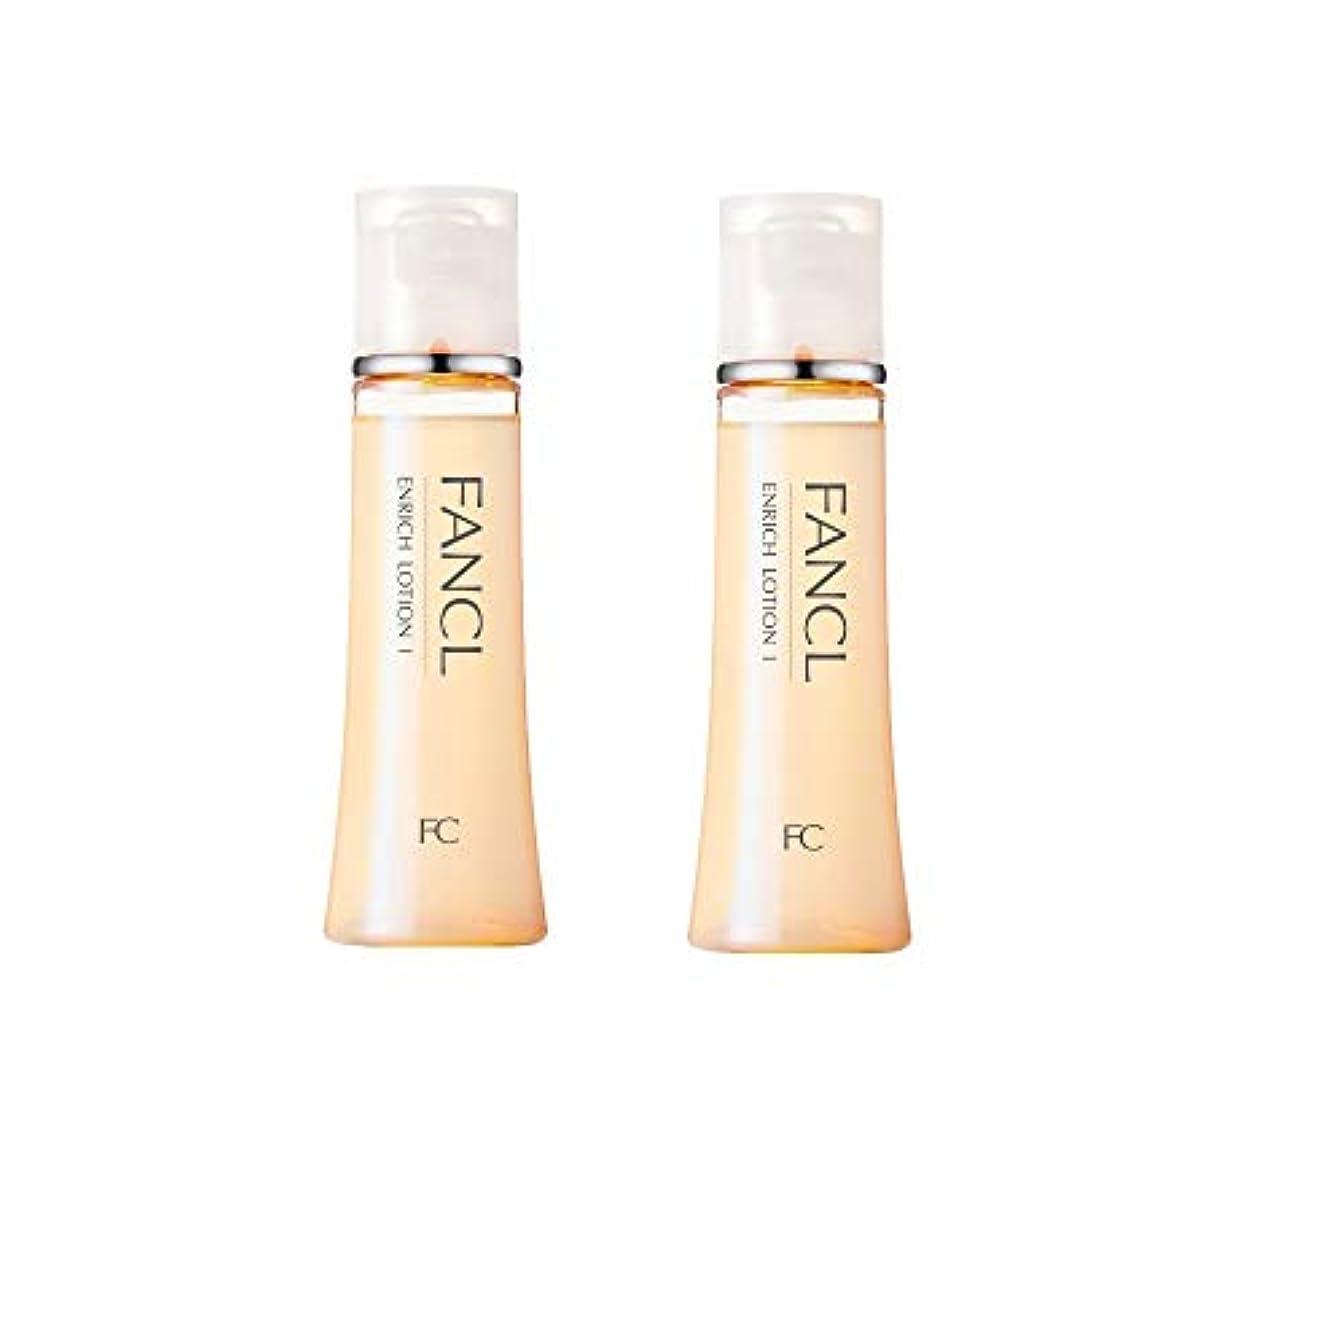 電気の幹地中海ファンケル (FANCL) エンリッチ 化粧液I さっぱり 2本セット 30mL×2 (約60日分)